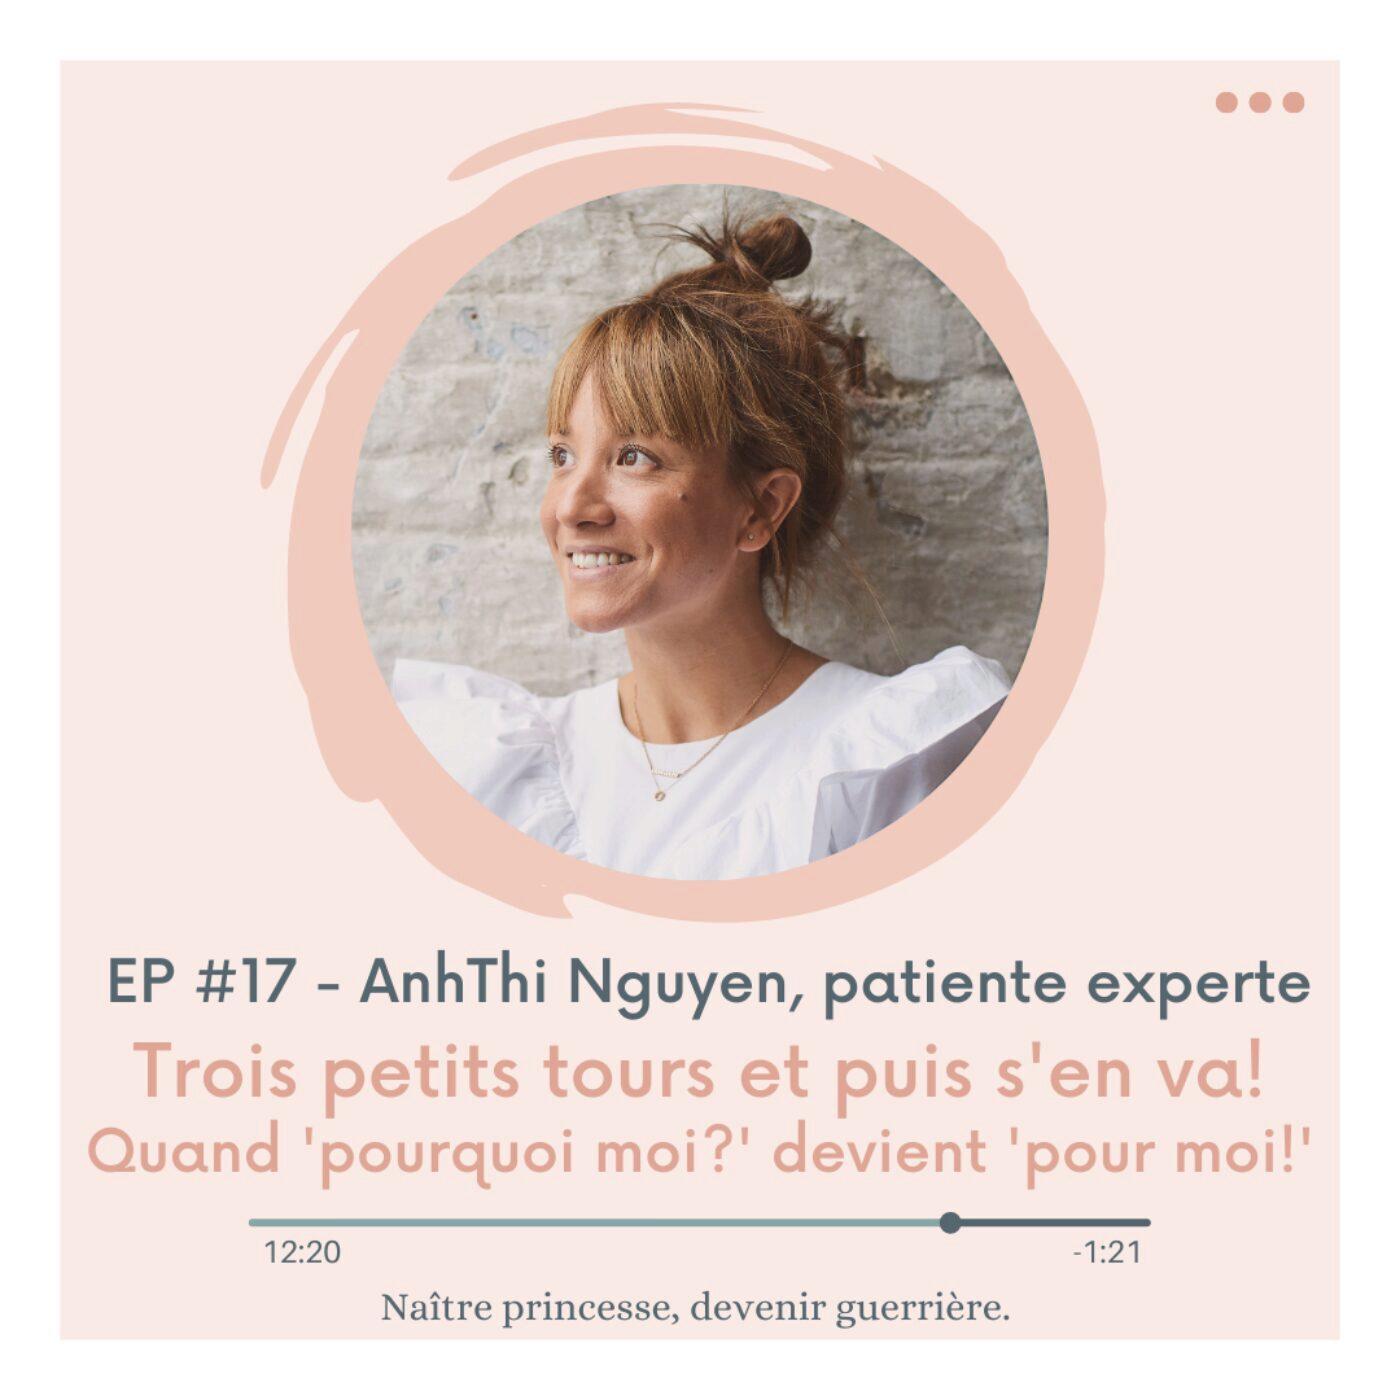 """EP#17 - TROIS PETITS TOURS ET PUIS S'EN VA! QUAND """"POURQUOI MOI?"""" DEVIENT """"POUR MOI!"""". ANHTHI, patiente experte."""